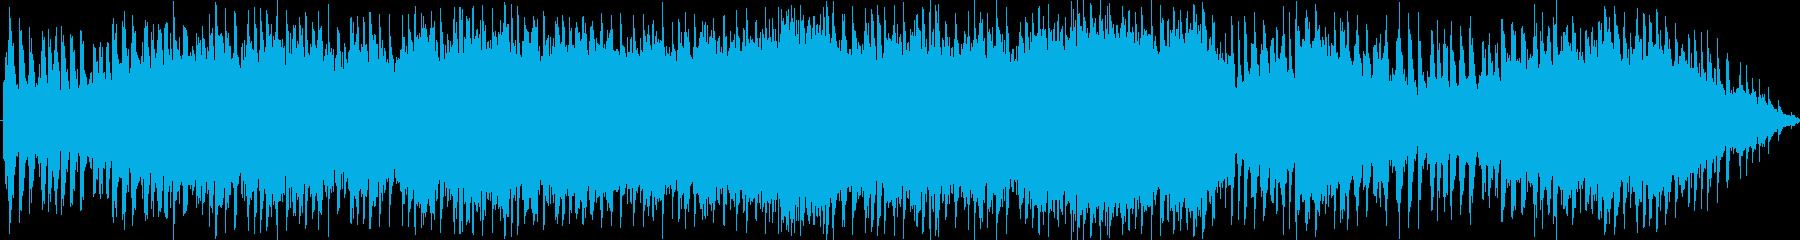 凛々しいオーケストラソングですの再生済みの波形